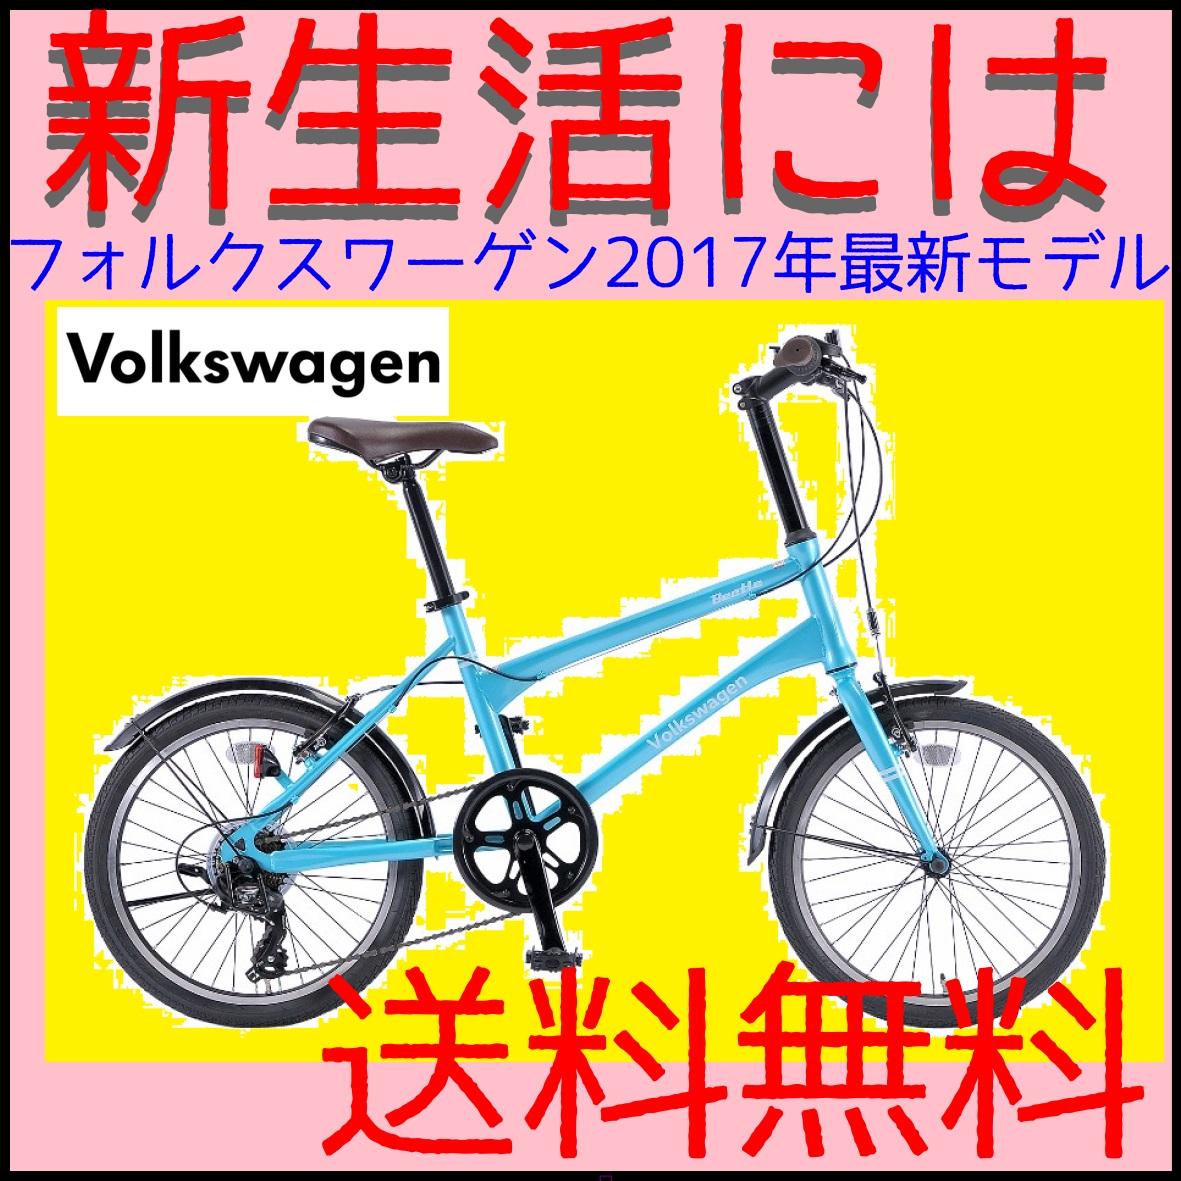 フォルクスワーゲン ミニベロ Volkswagen 自転車 アクア ブルー 20インチ 自転車 外装7段ギア フォルクスワーゲン VW-207COM Beetle ビートル